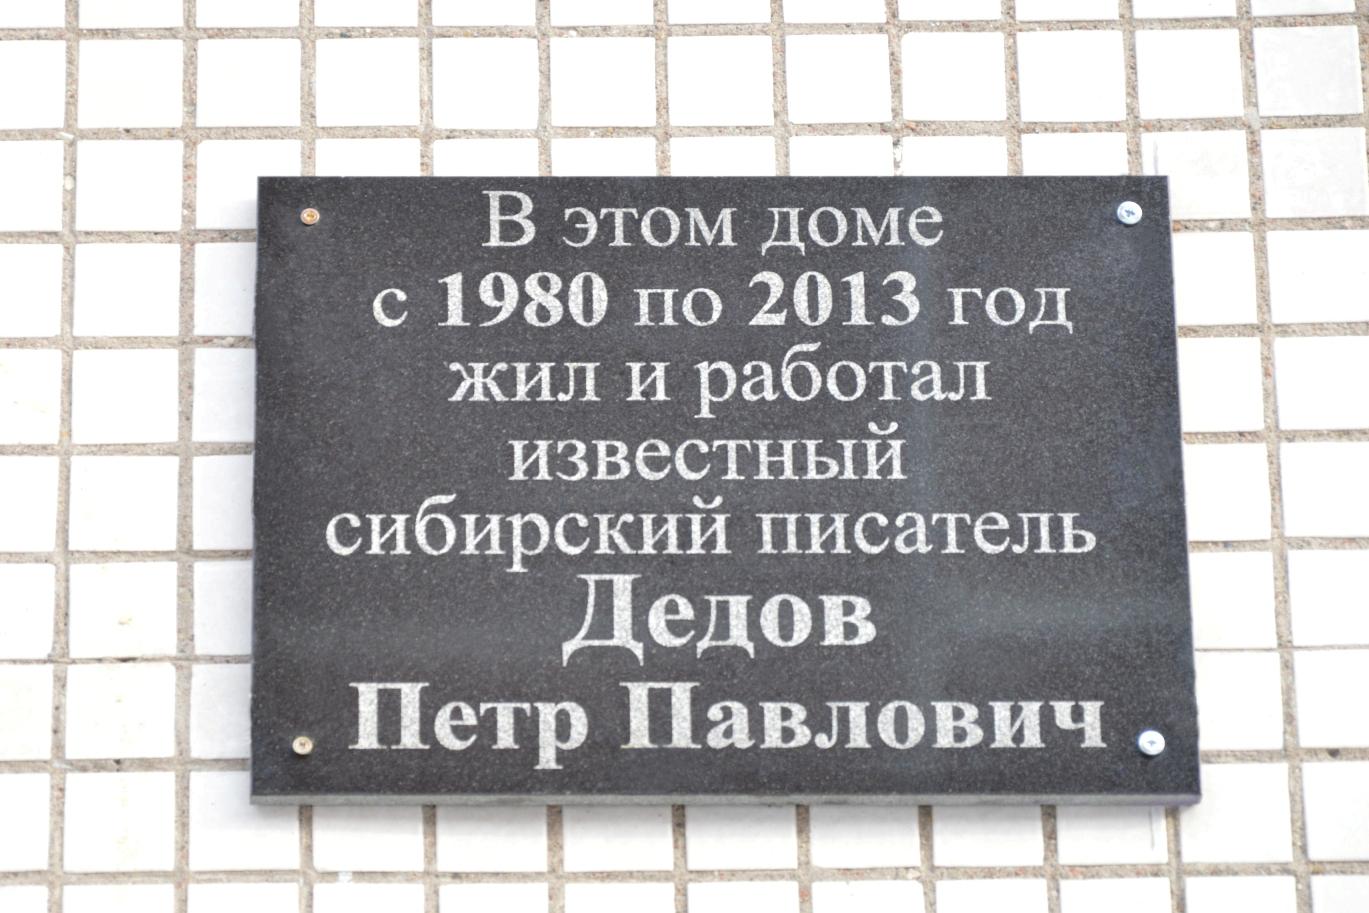 Мемориальная доска, посвящённая Петру Дедову